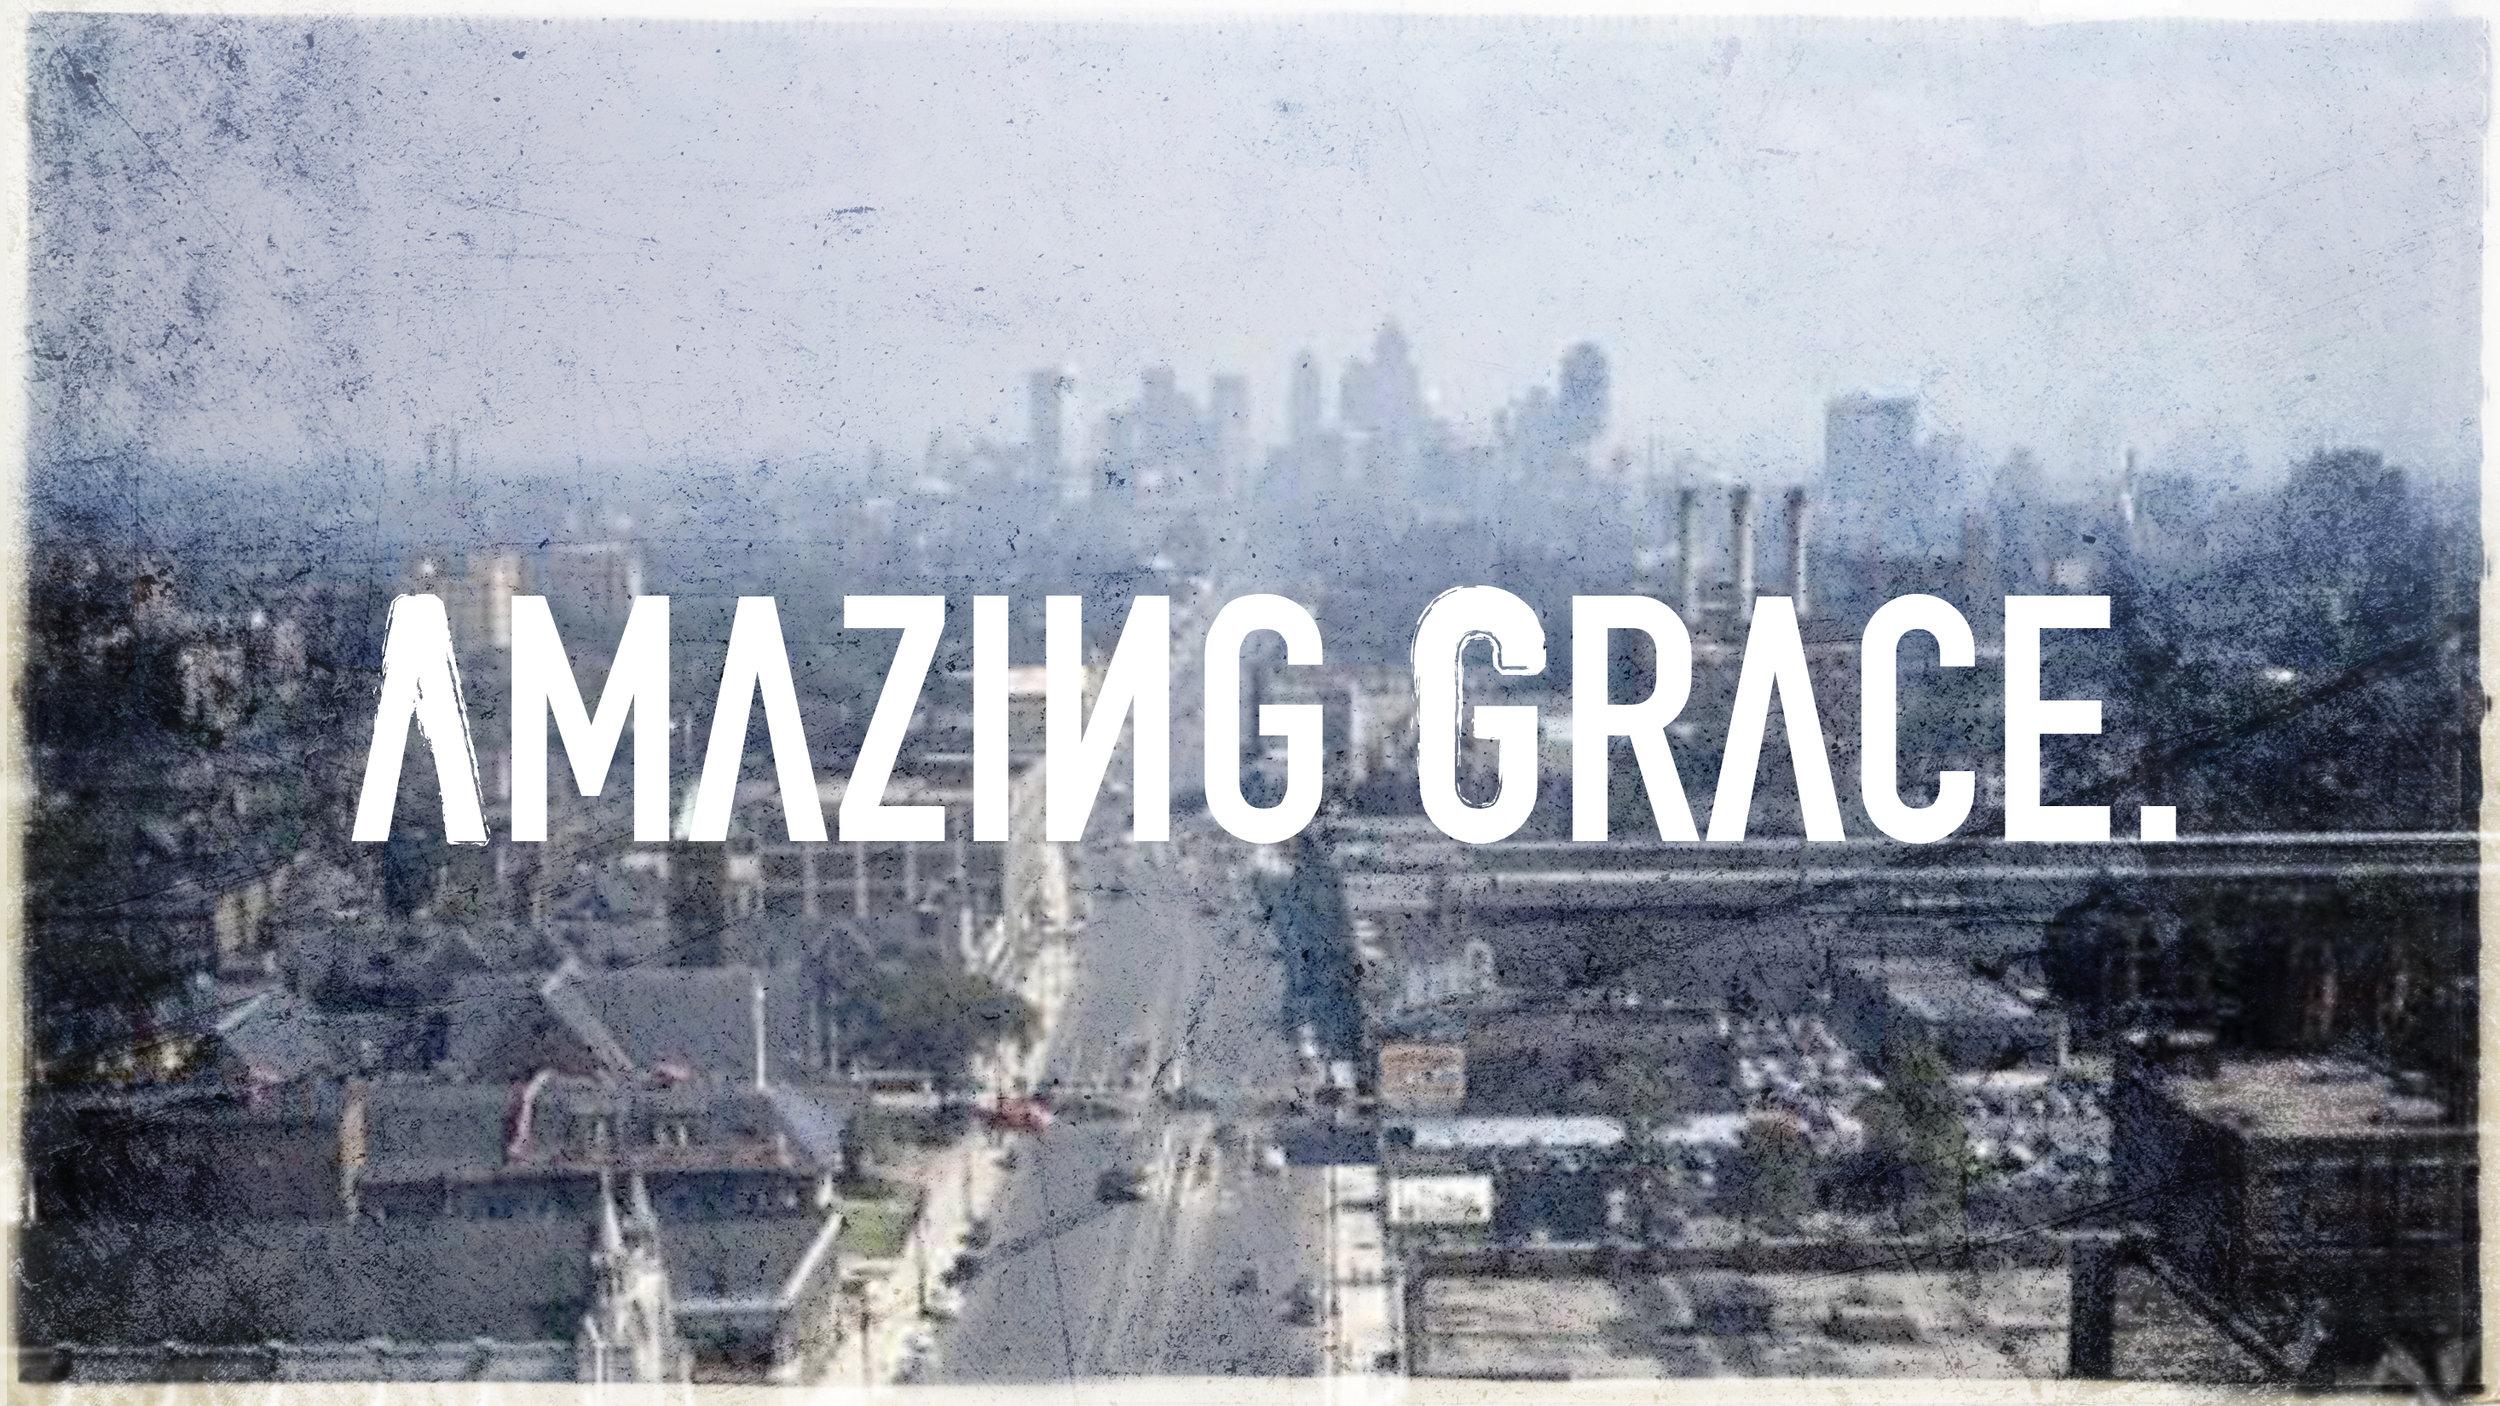 AmazingGraceCover.jpg